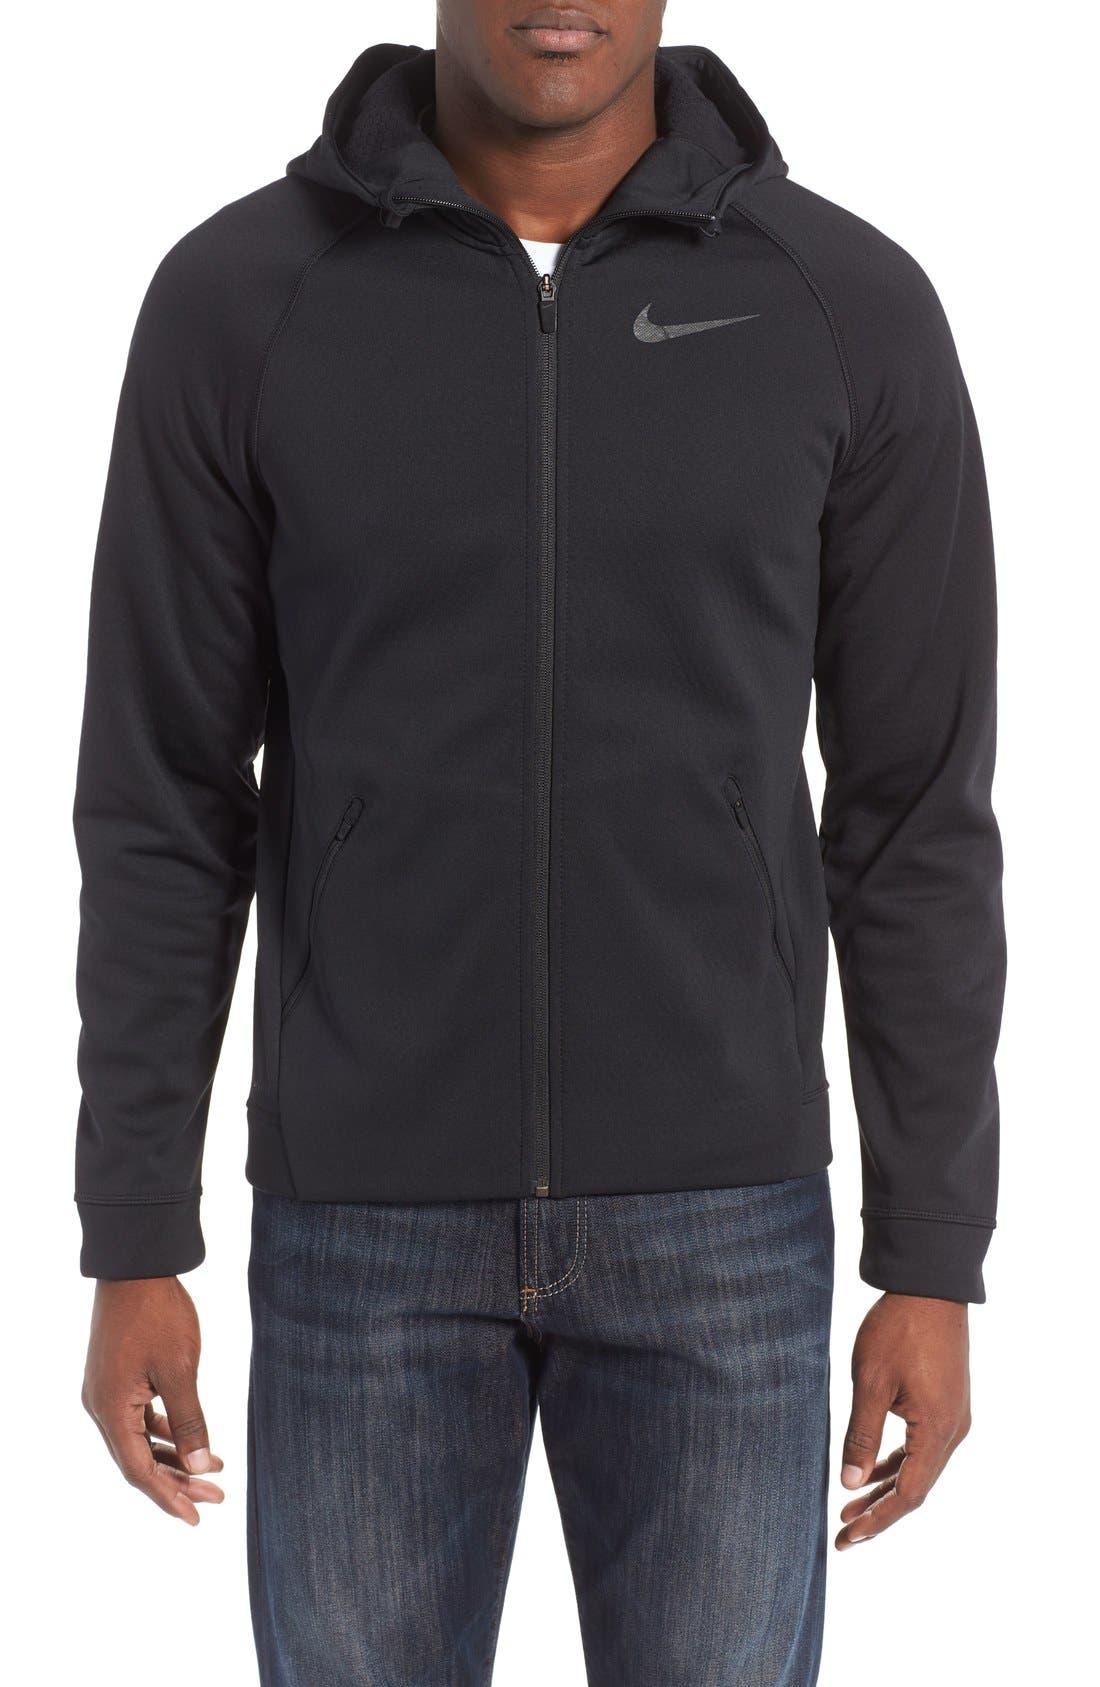 Alternate Image 1 Selected - Nike Therma-Sphere Hooded Zip Jacket